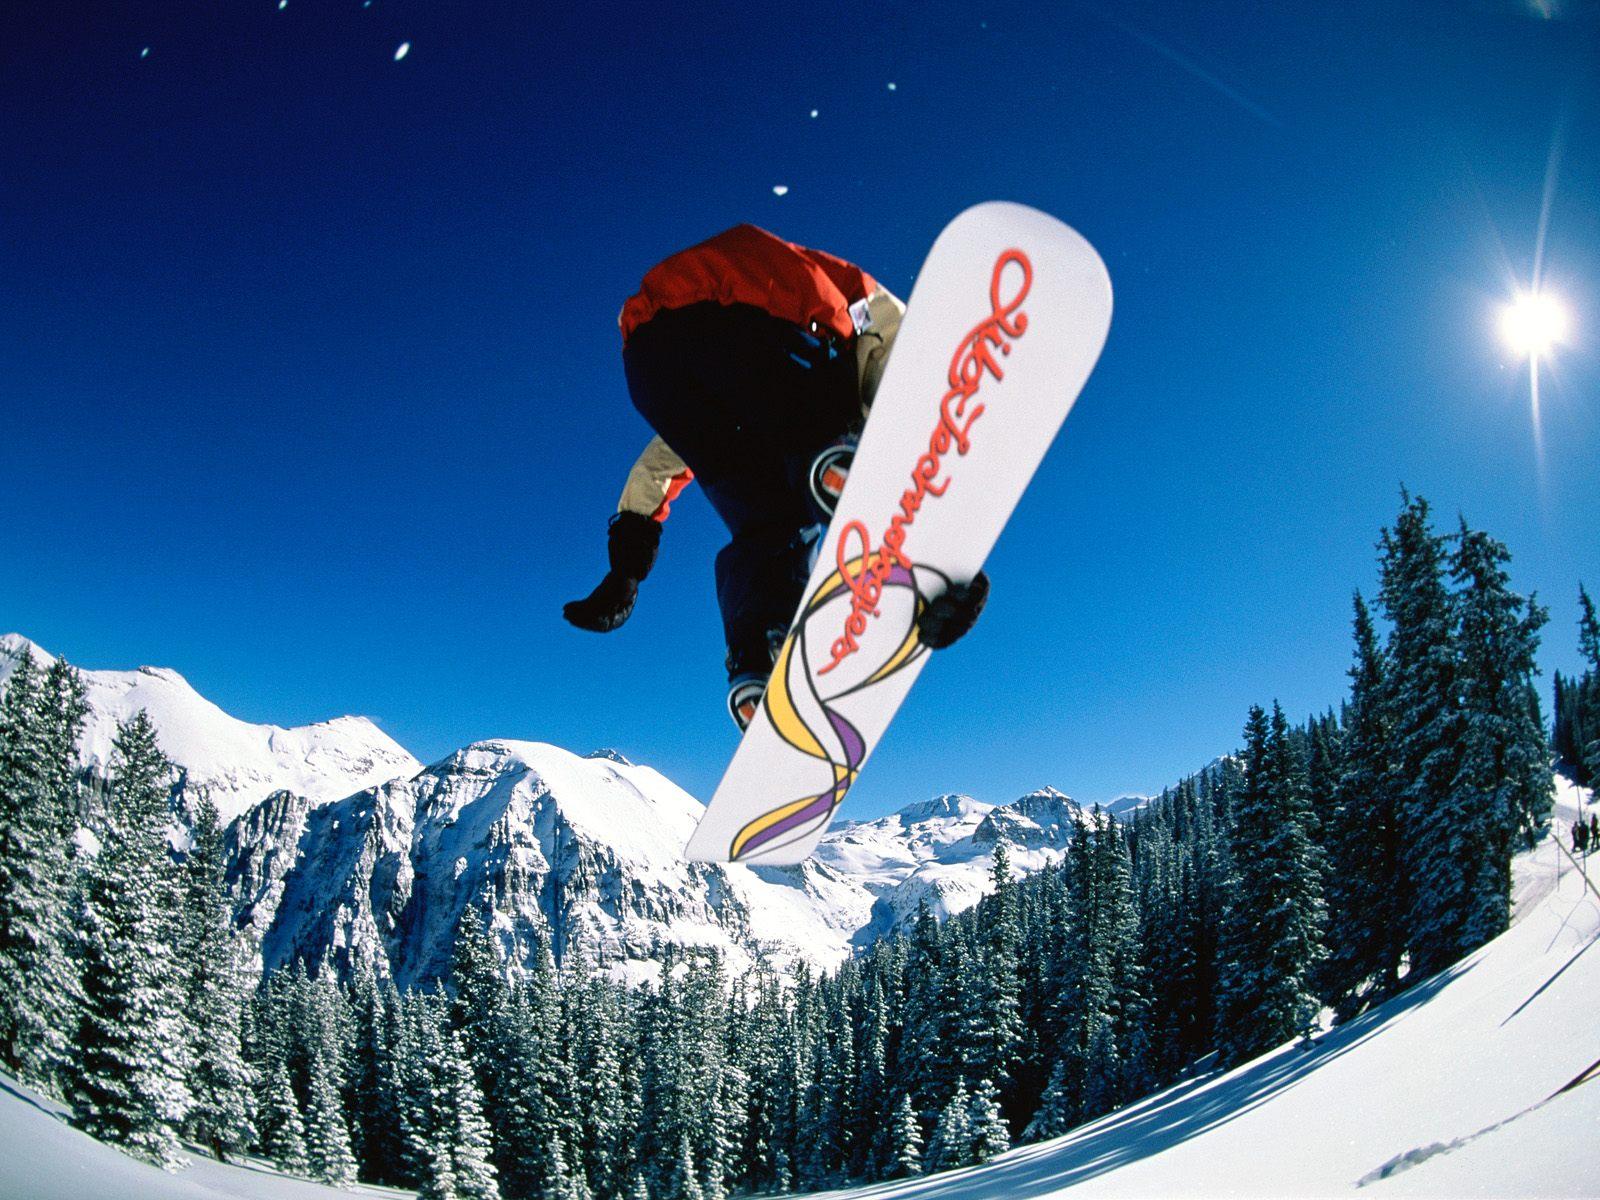 сноуборд, трюк, прыжок, фото, обои для рабочего стола, скачать